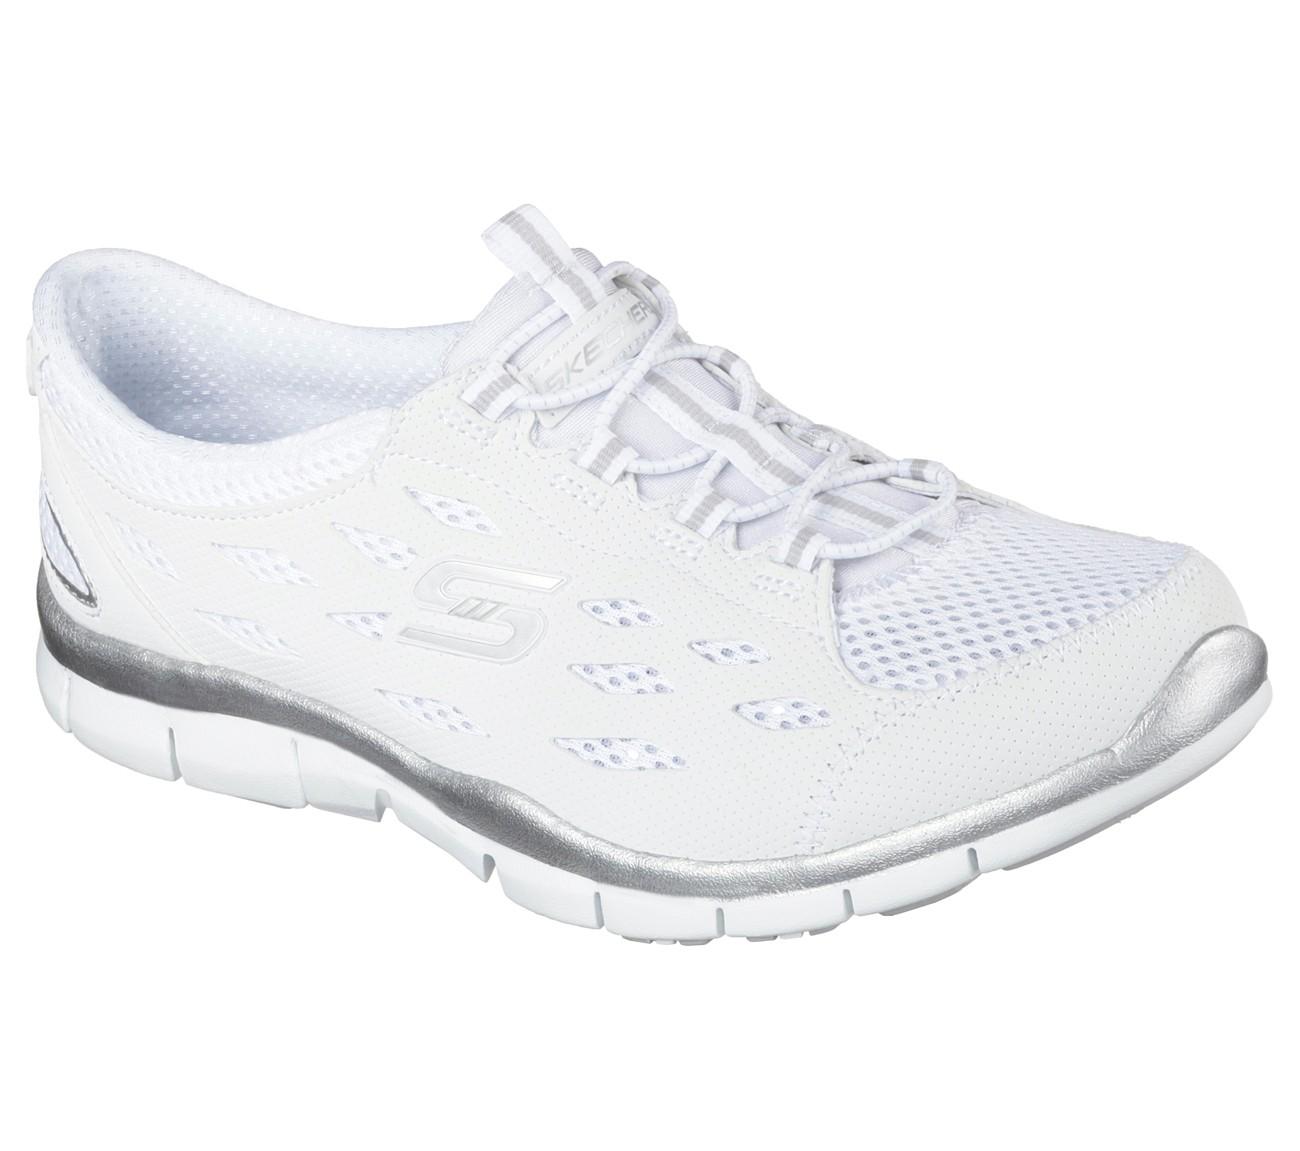 Skechers Bayan Yürüyüş Ayakkabısı Modelleri-Ayakkabı Modelleri (23)